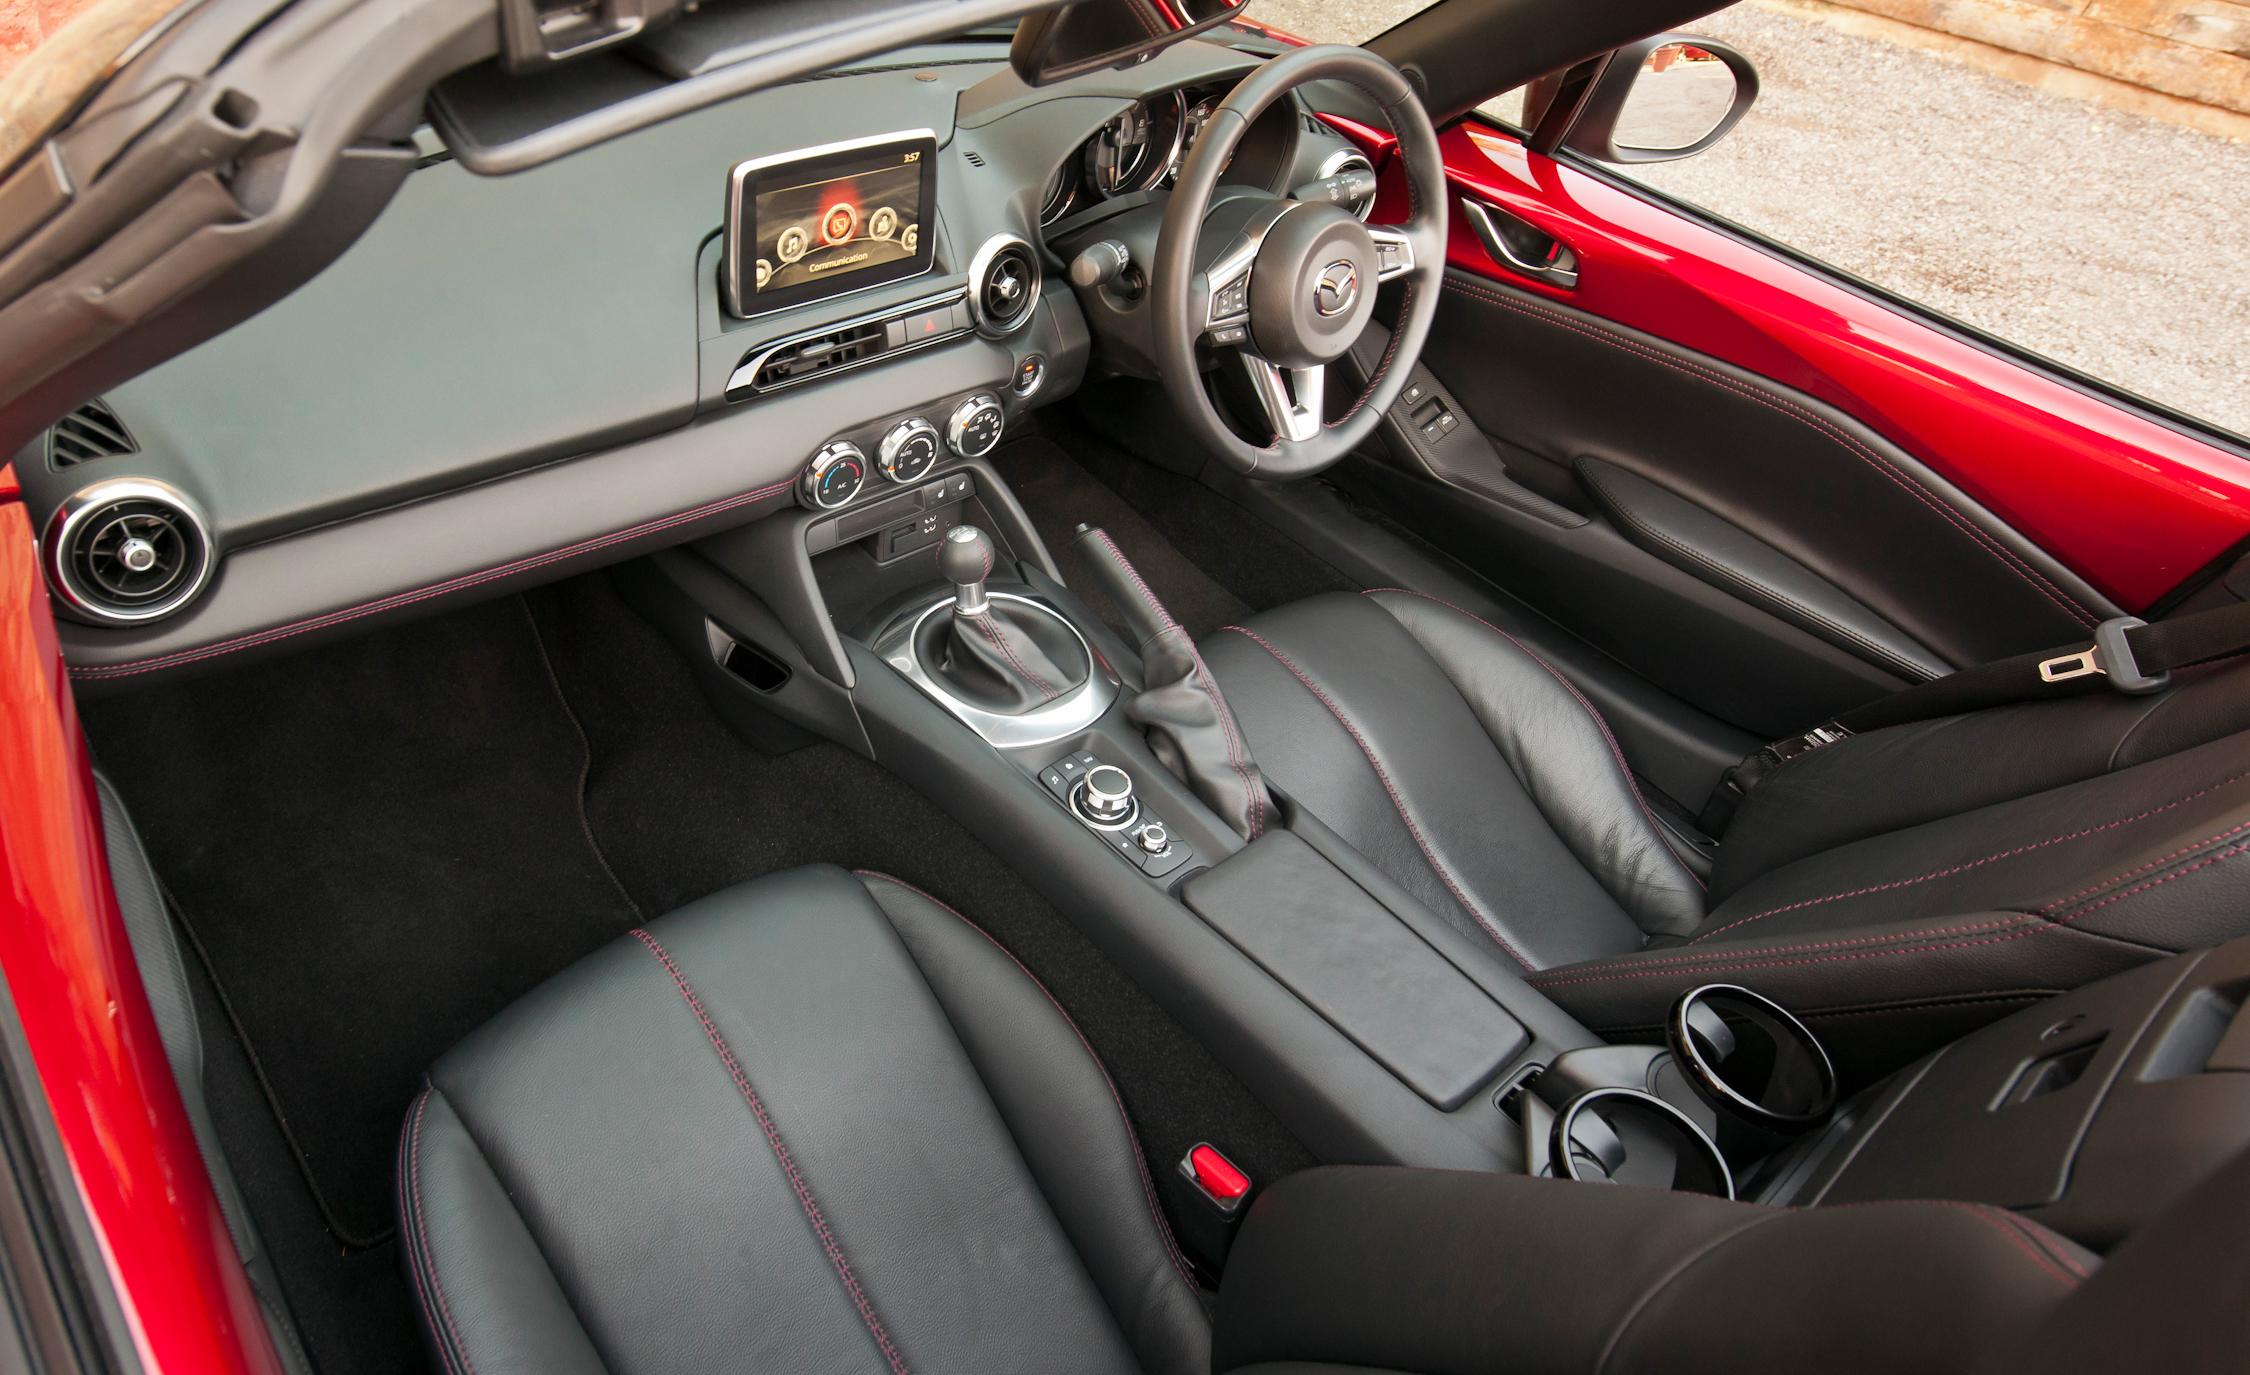 2016 Mazda MX-5 Miata Dashboard and Seats Interior